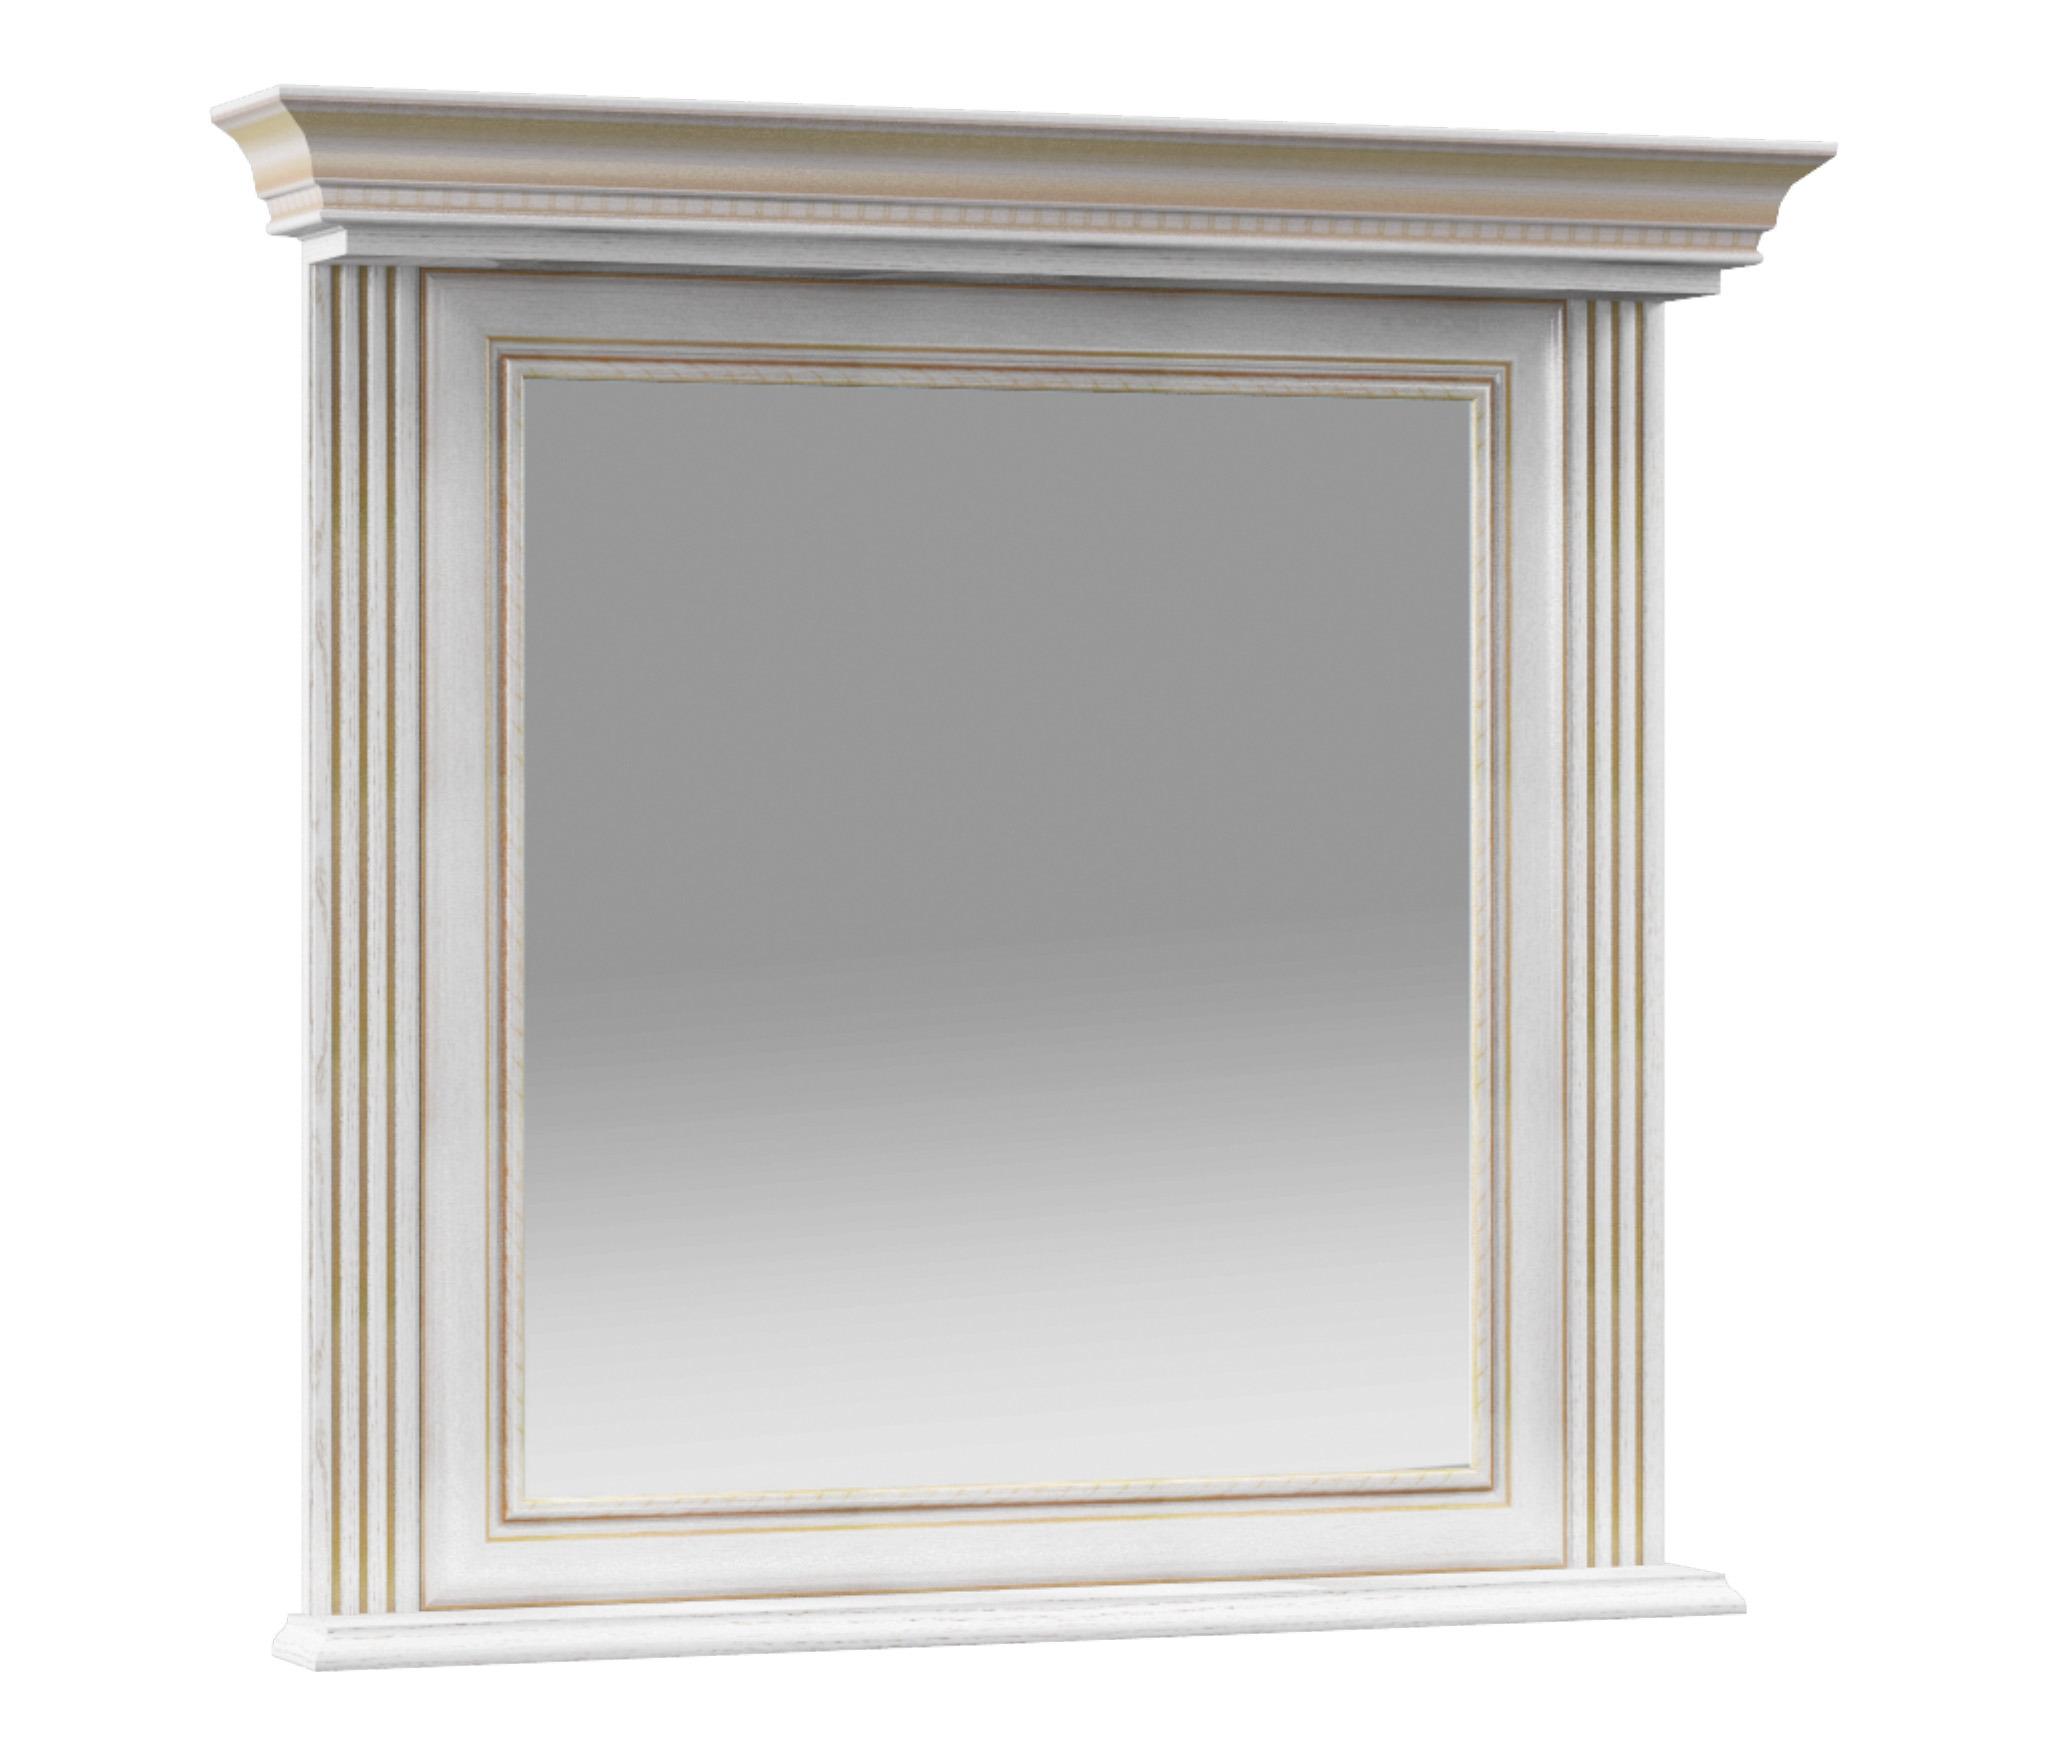 Версаль СБ-2052 ЗеркалоЗеркала<br>Зеркало Версаль в классическом стиле станет изысканным дополнением к мебельному ансамблю из одноименной коллекции. Такой предмет не только полезен с точки зрения практичности, ведь без зеркала трудно представить себе современную спальню, но он еще и отлично выполняет свою эстетическую функцию, делая вашу комнату визуально шире и светлее и придавая интерьеру оттенок роскоши и романтизма.<br><br>Длина мм: 903<br>Высота мм: 920<br>Глубина мм: 147